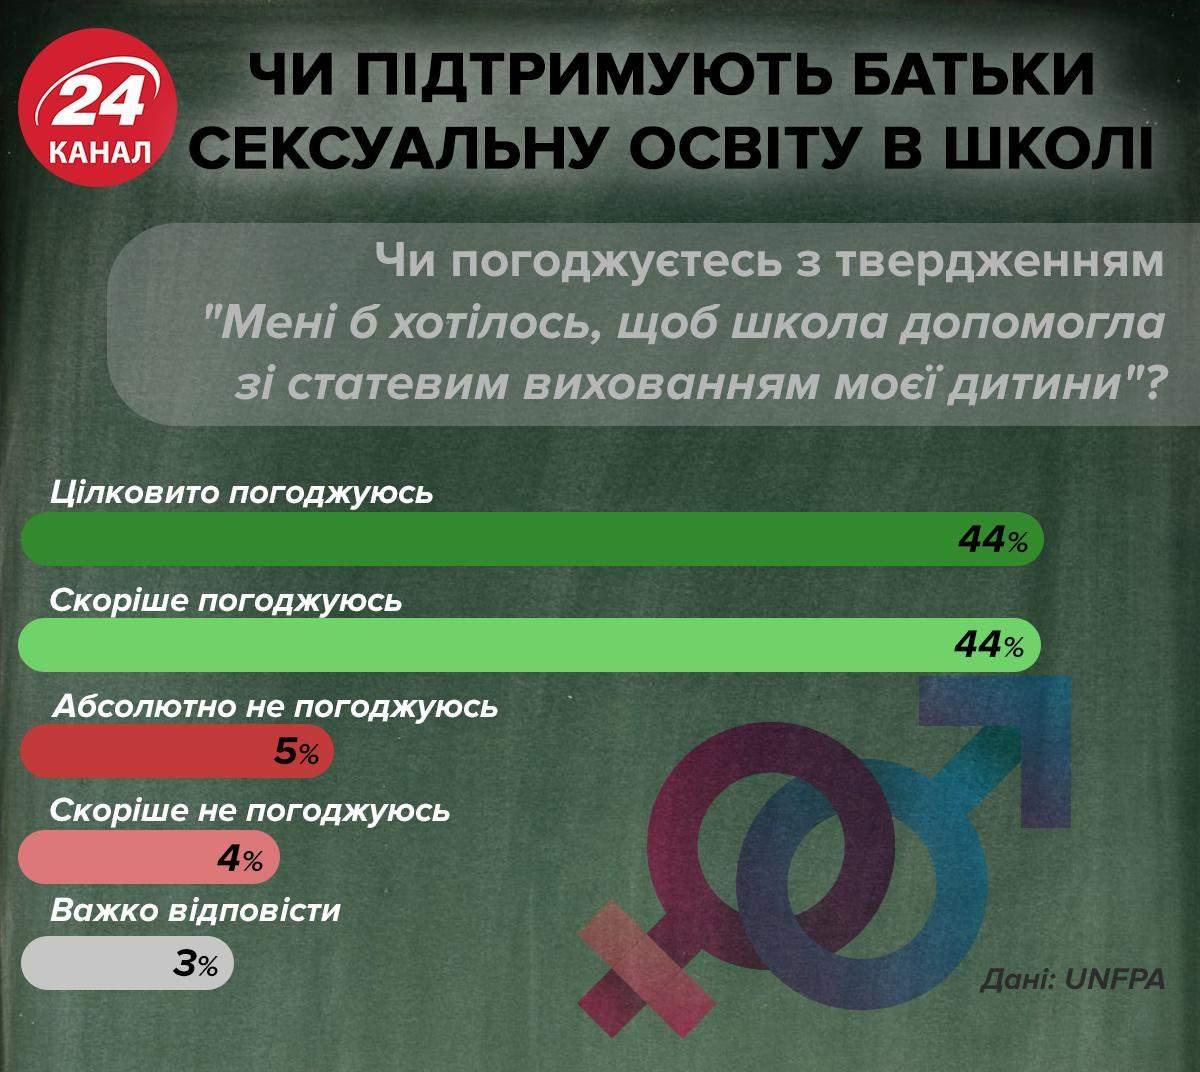 Чи підтримують батьки сексуальну освіту інфографіка 24 канал